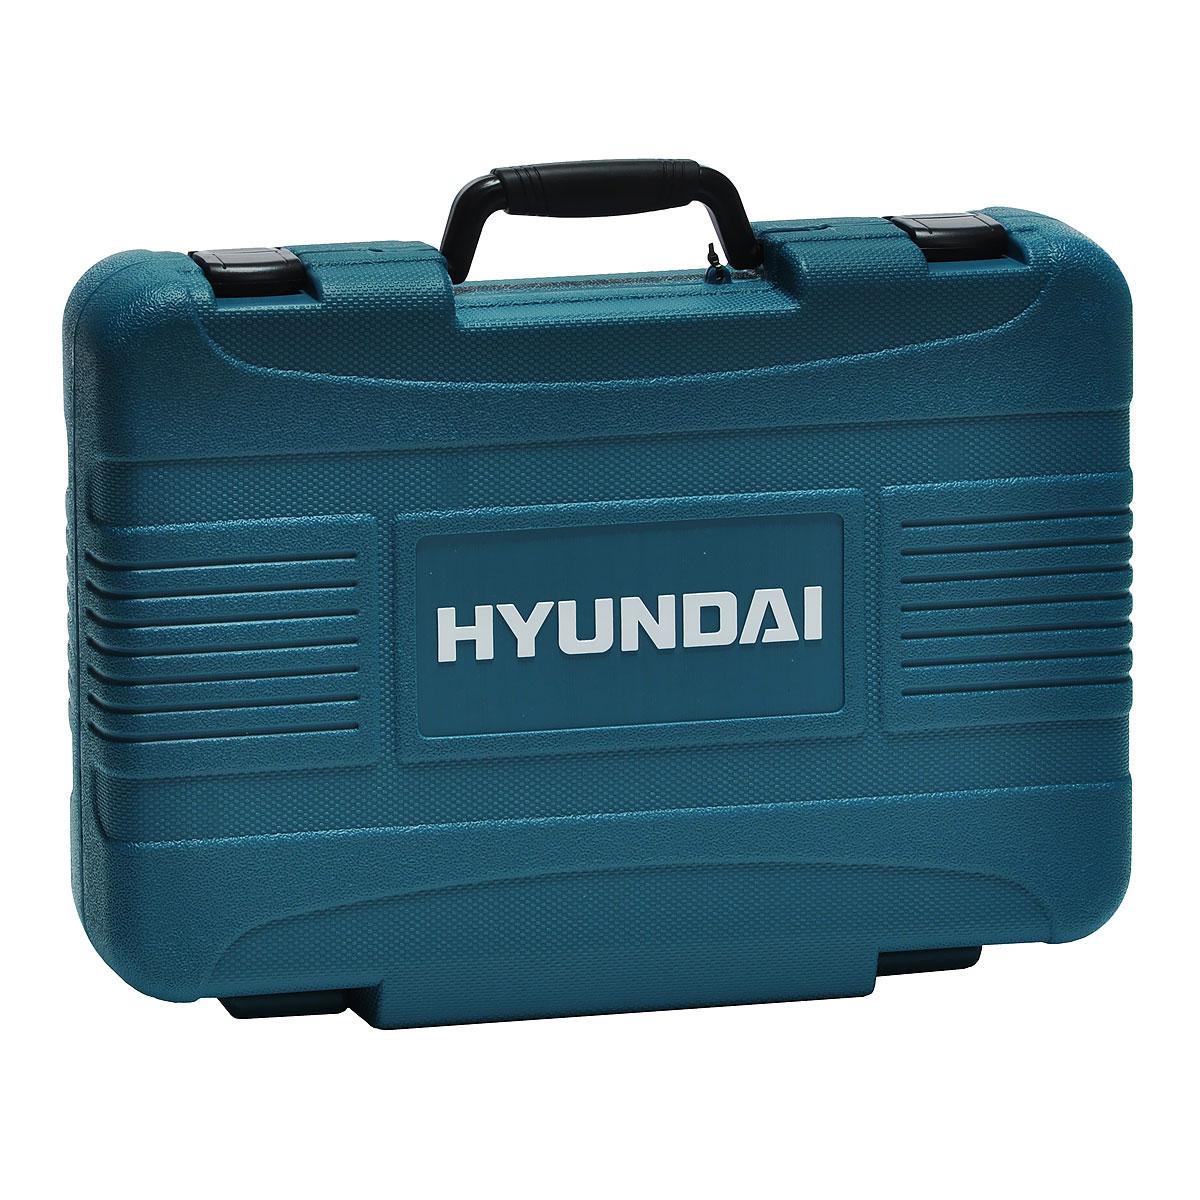 ������������� ����� ����������� HYUNDAI 101 ������� K 101